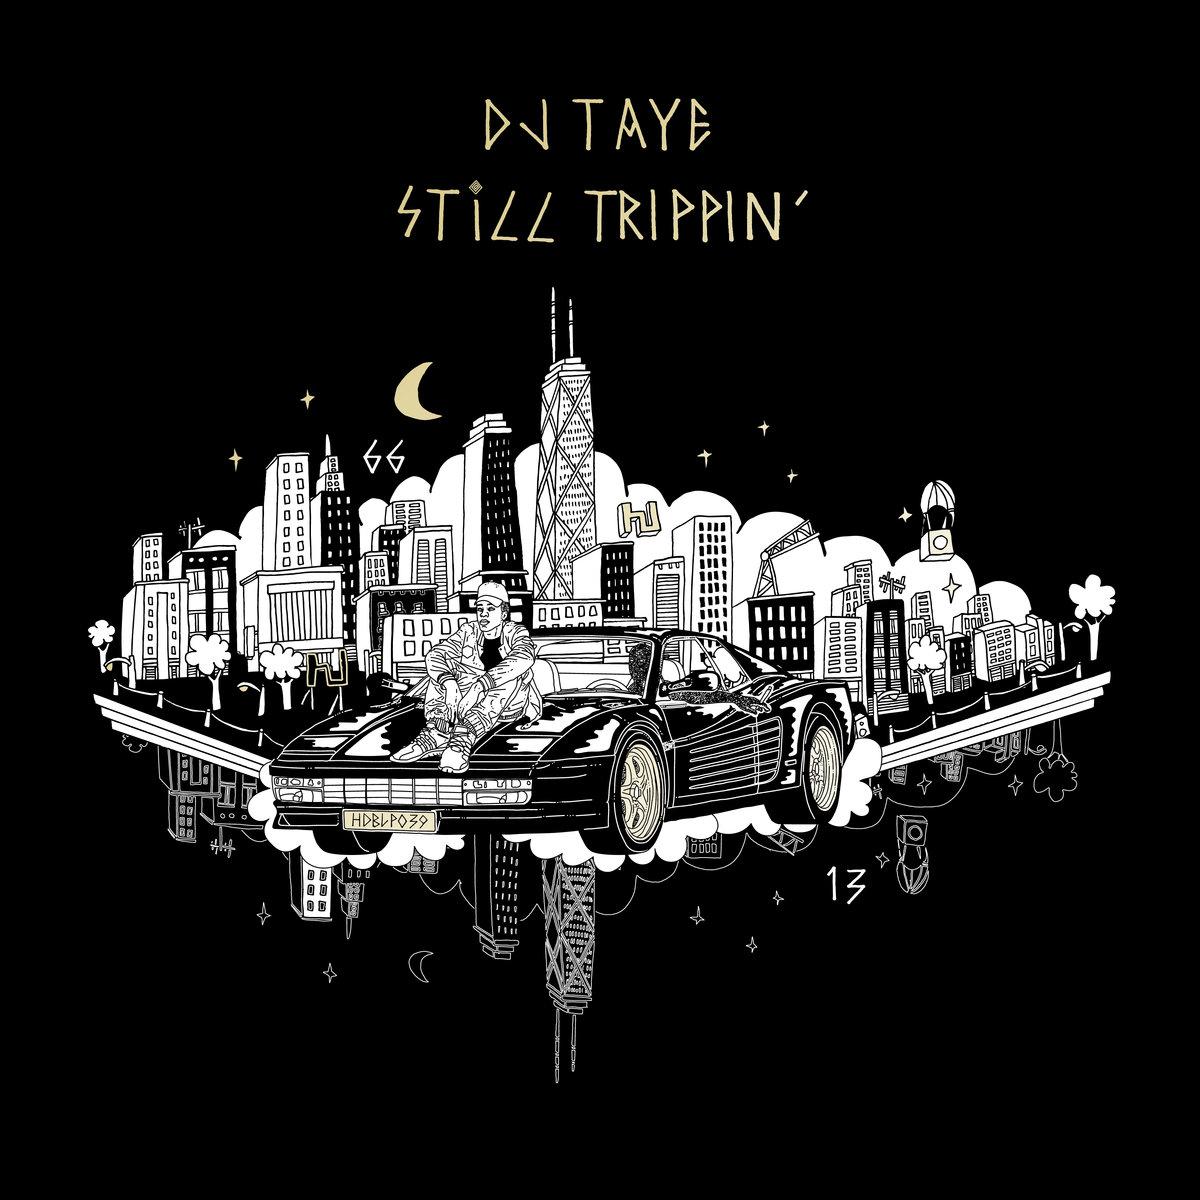 DJ Taye - Still Trippin'